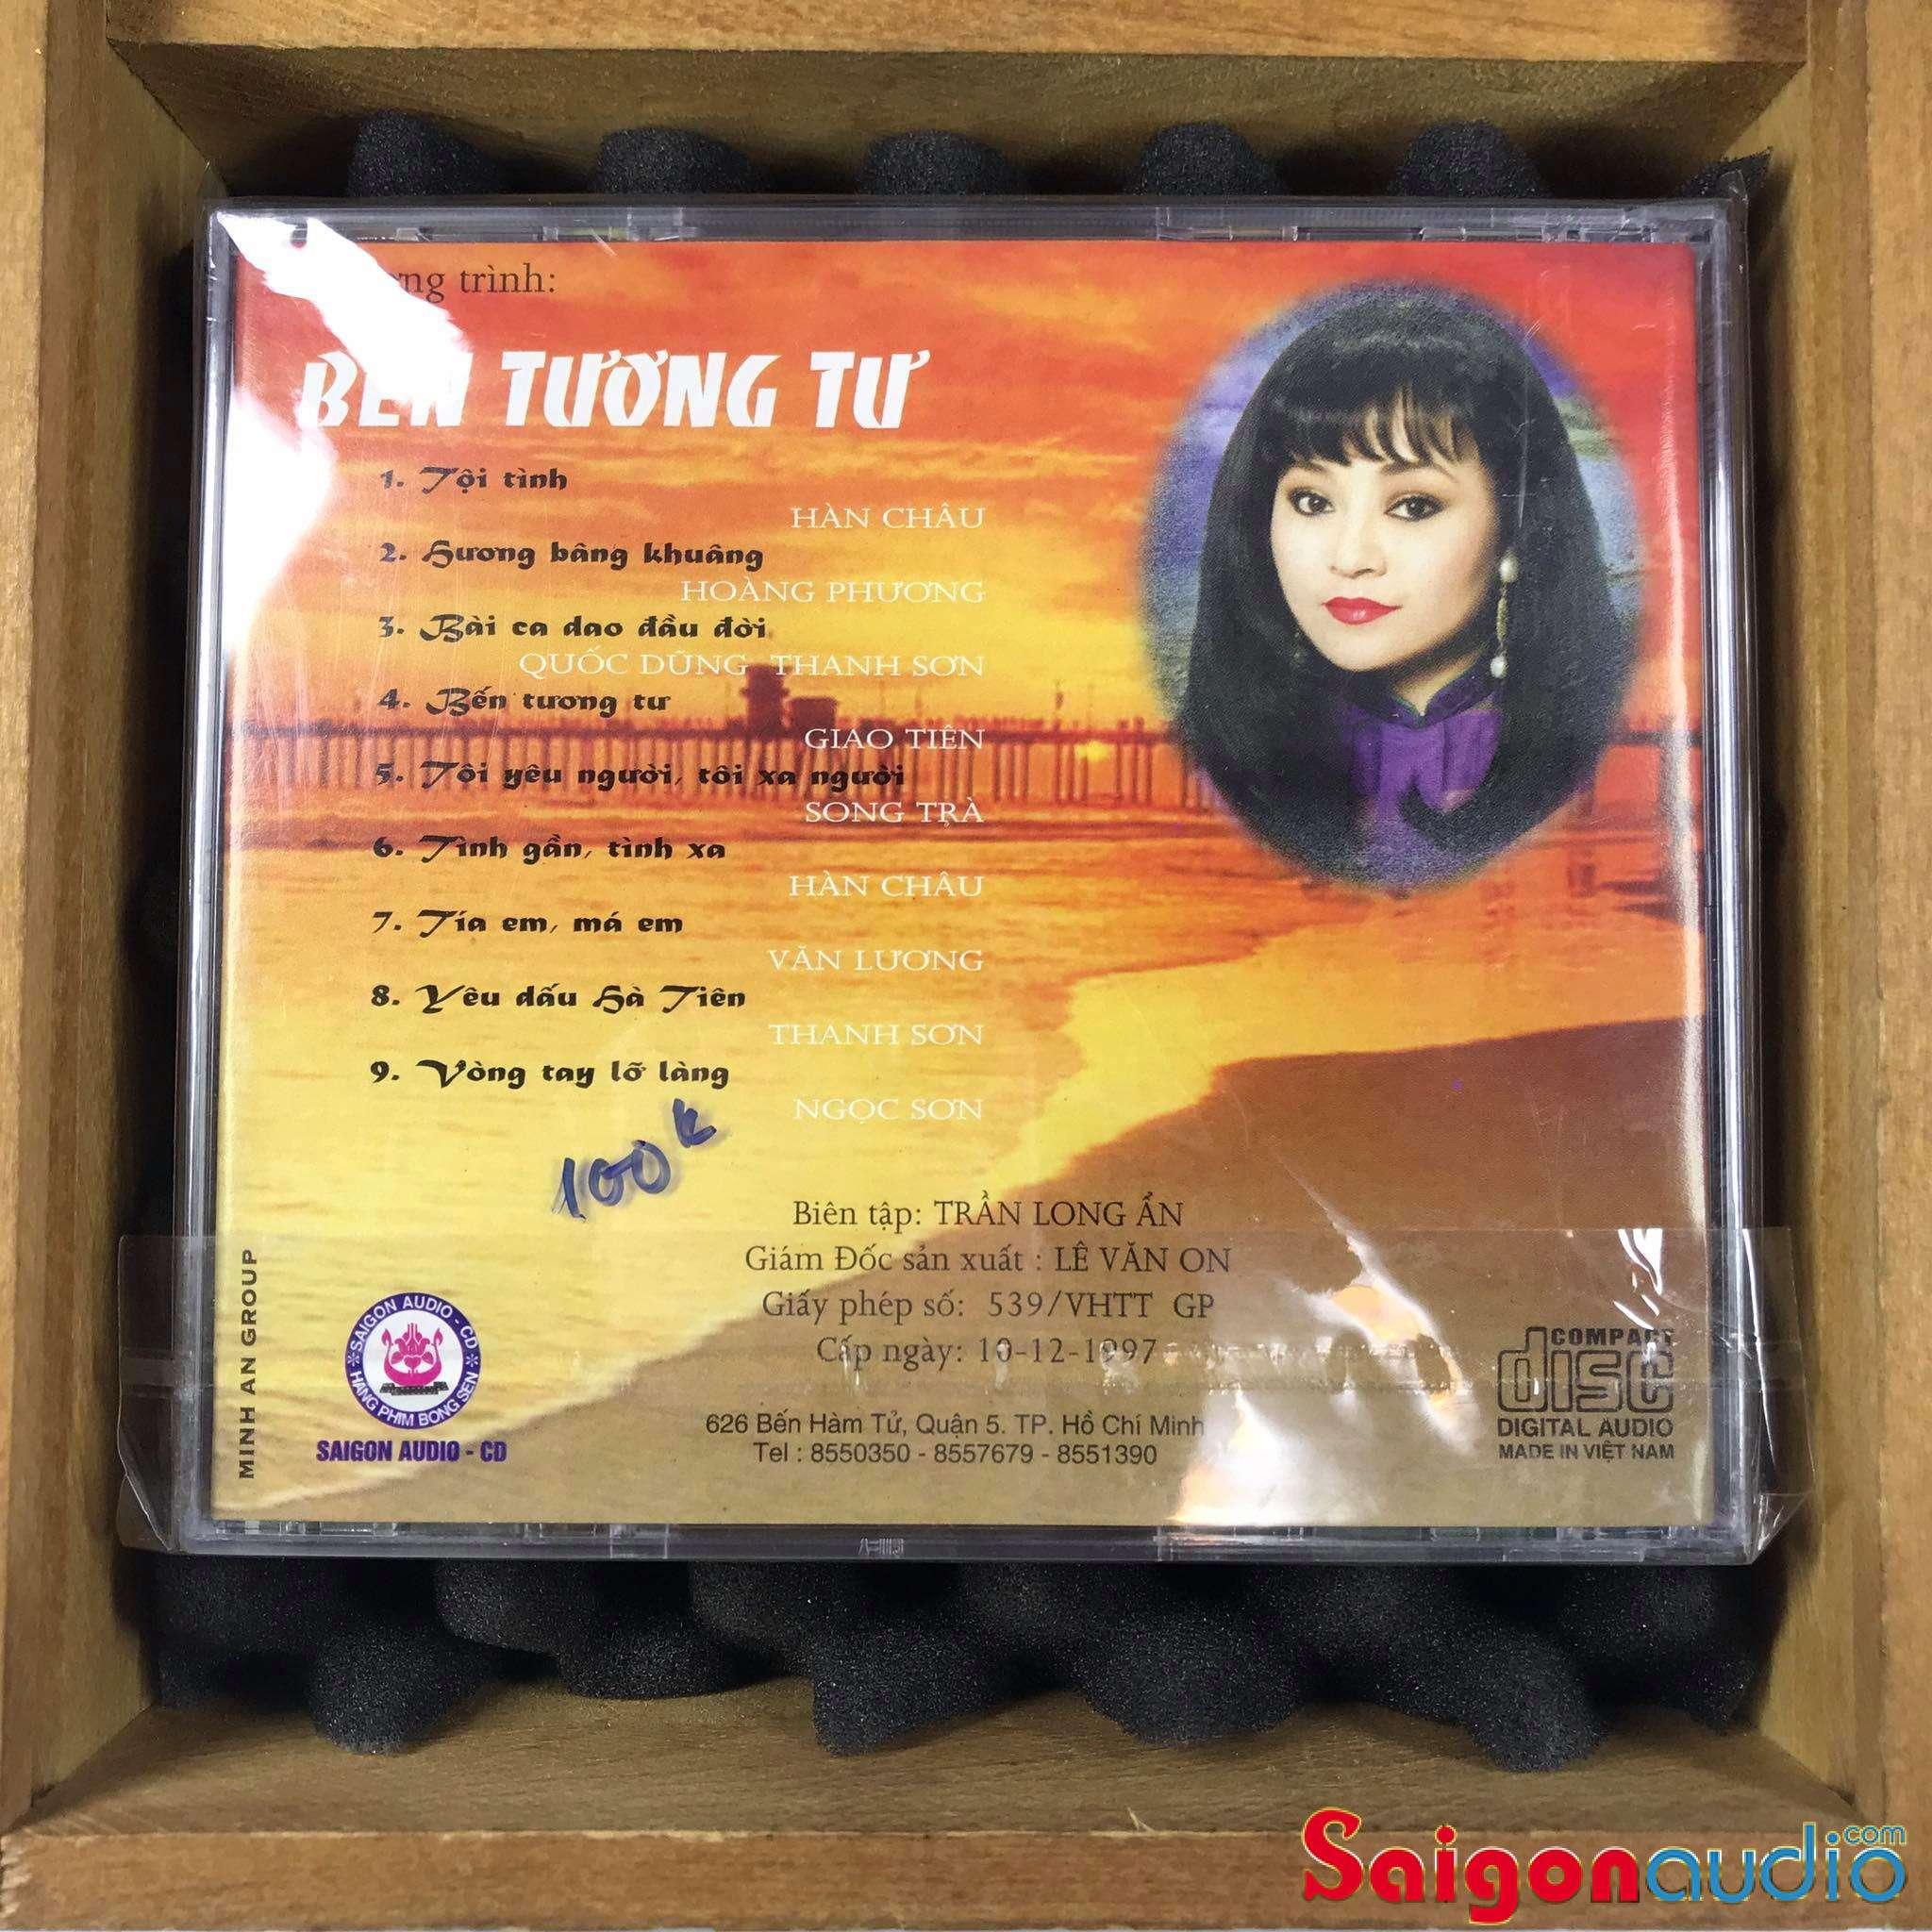 Đĩa CD nhạc gốc Hương Lan - Hoài Nam - Bến Tương Tư (Free ship khi mua 2 đĩa CD cùng hoặc khác loại)